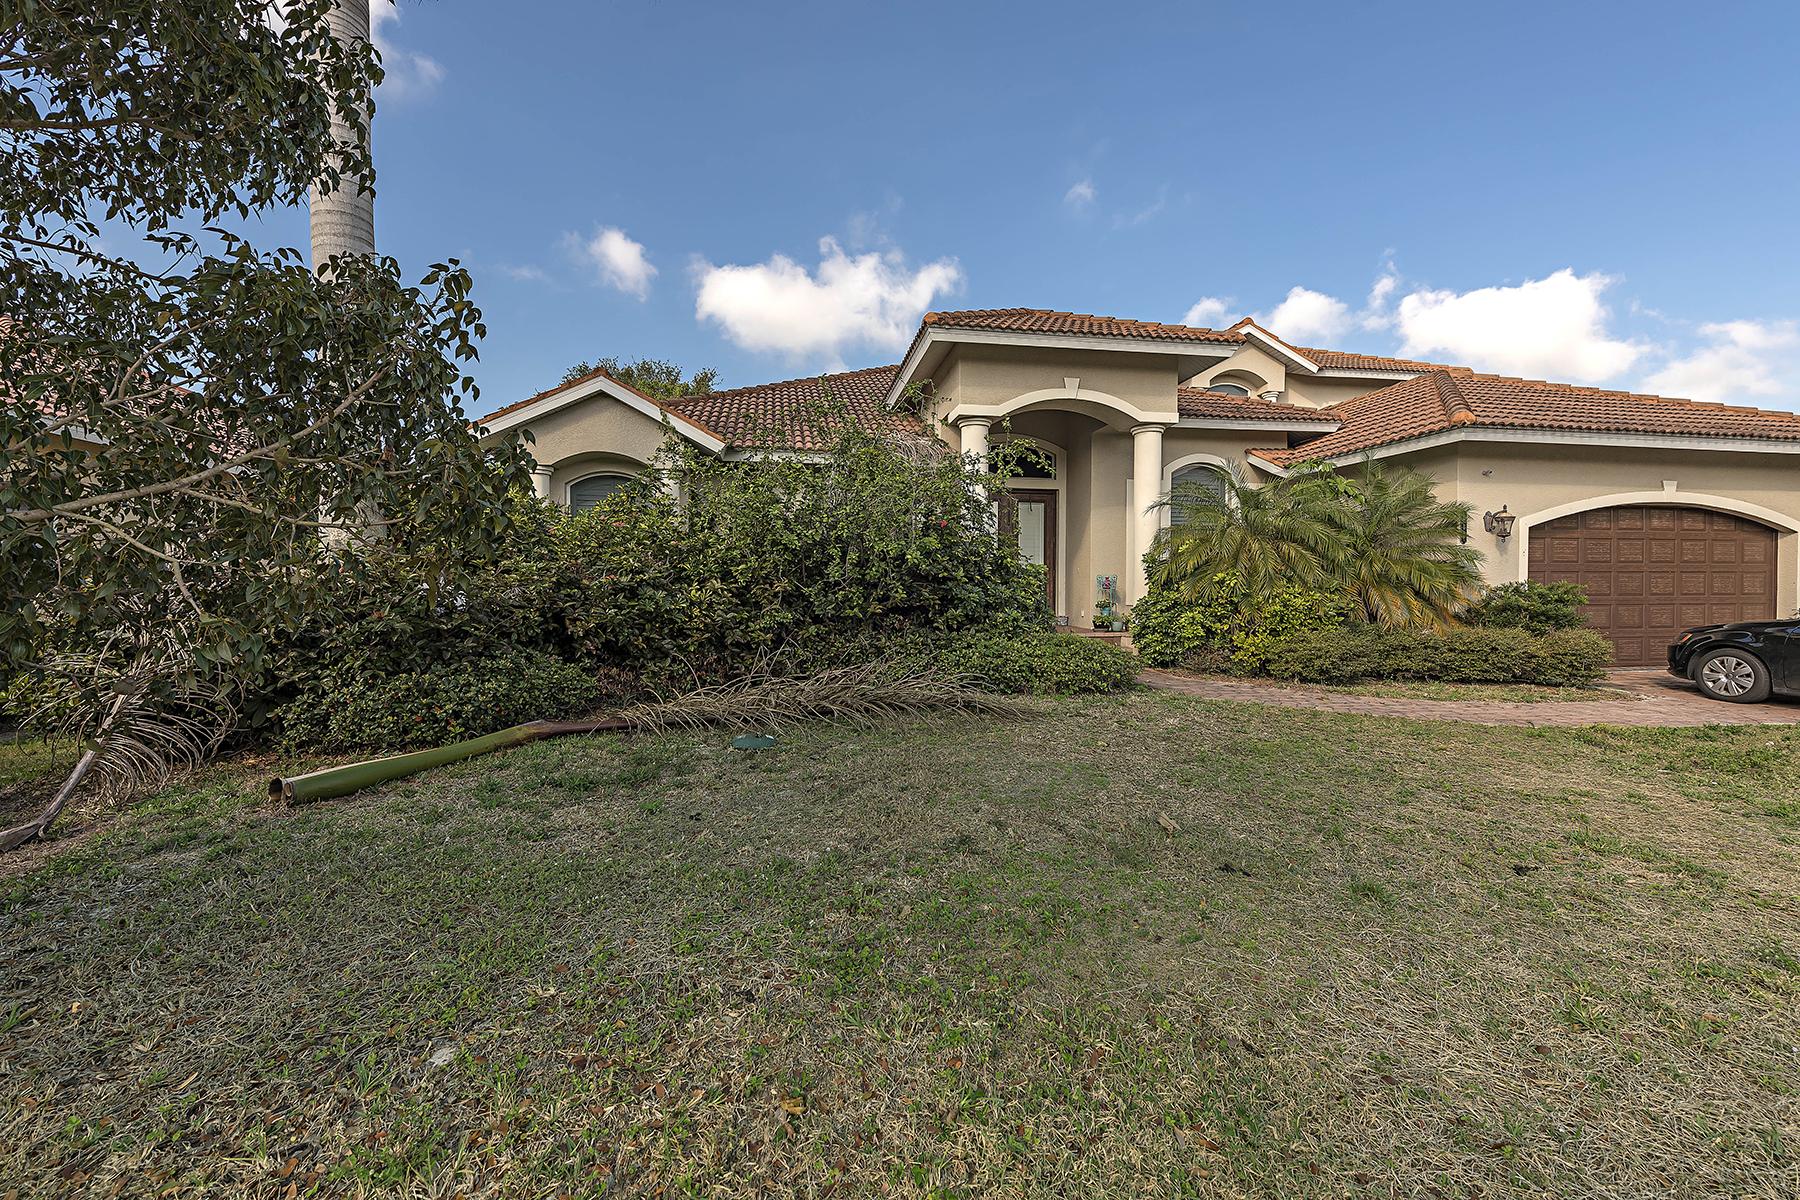 獨棟家庭住宅 為 出售 在 MARCO ISLAND - KIRKWOOD STREET 114 Kirkwood St Marco Island, 佛羅里達州 34145 美國